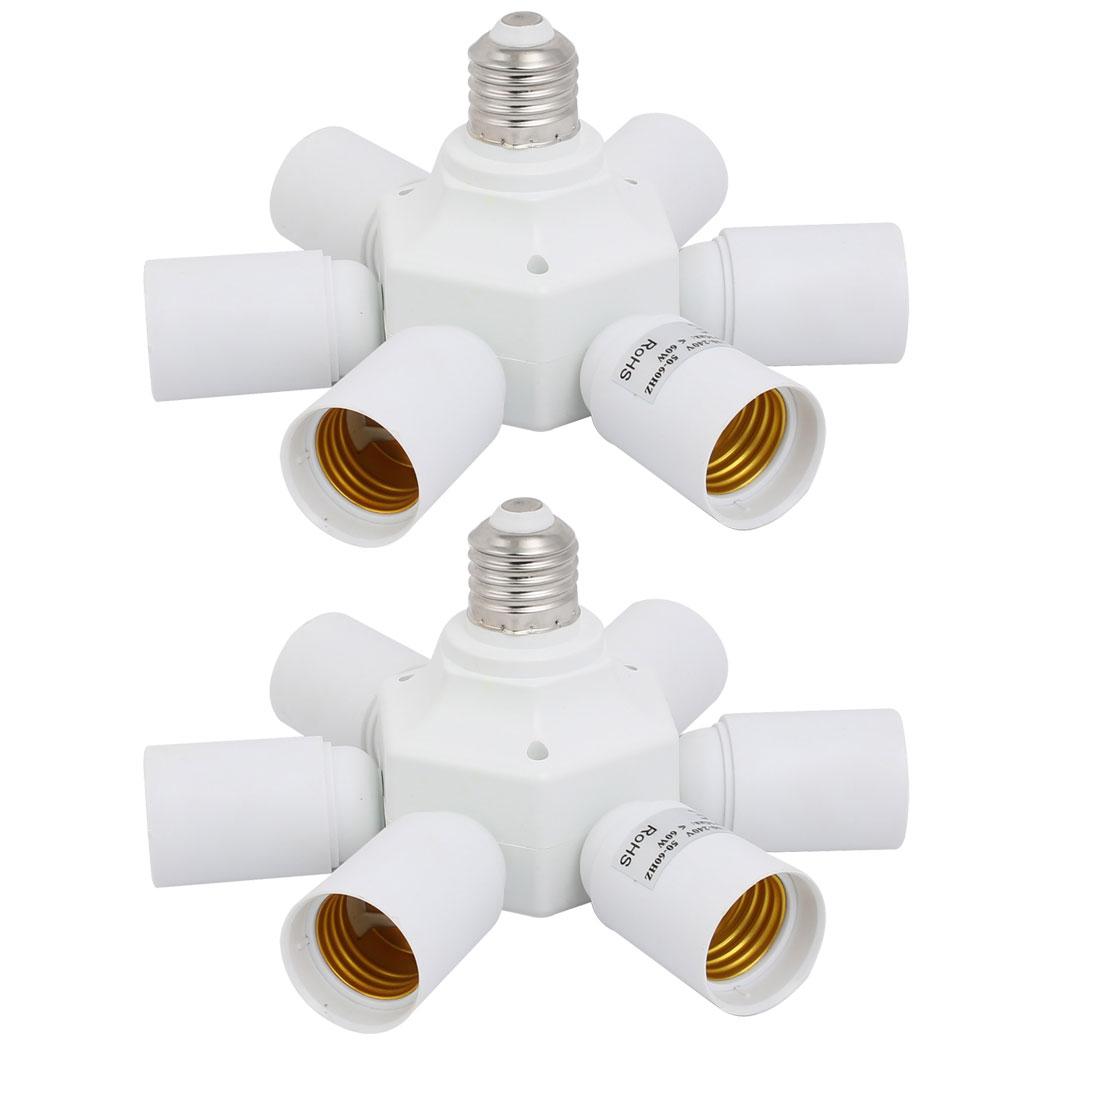 2pcs E27 to Seven E27 Light Socket Splitter Lamp Bulb Base Adapter Holder